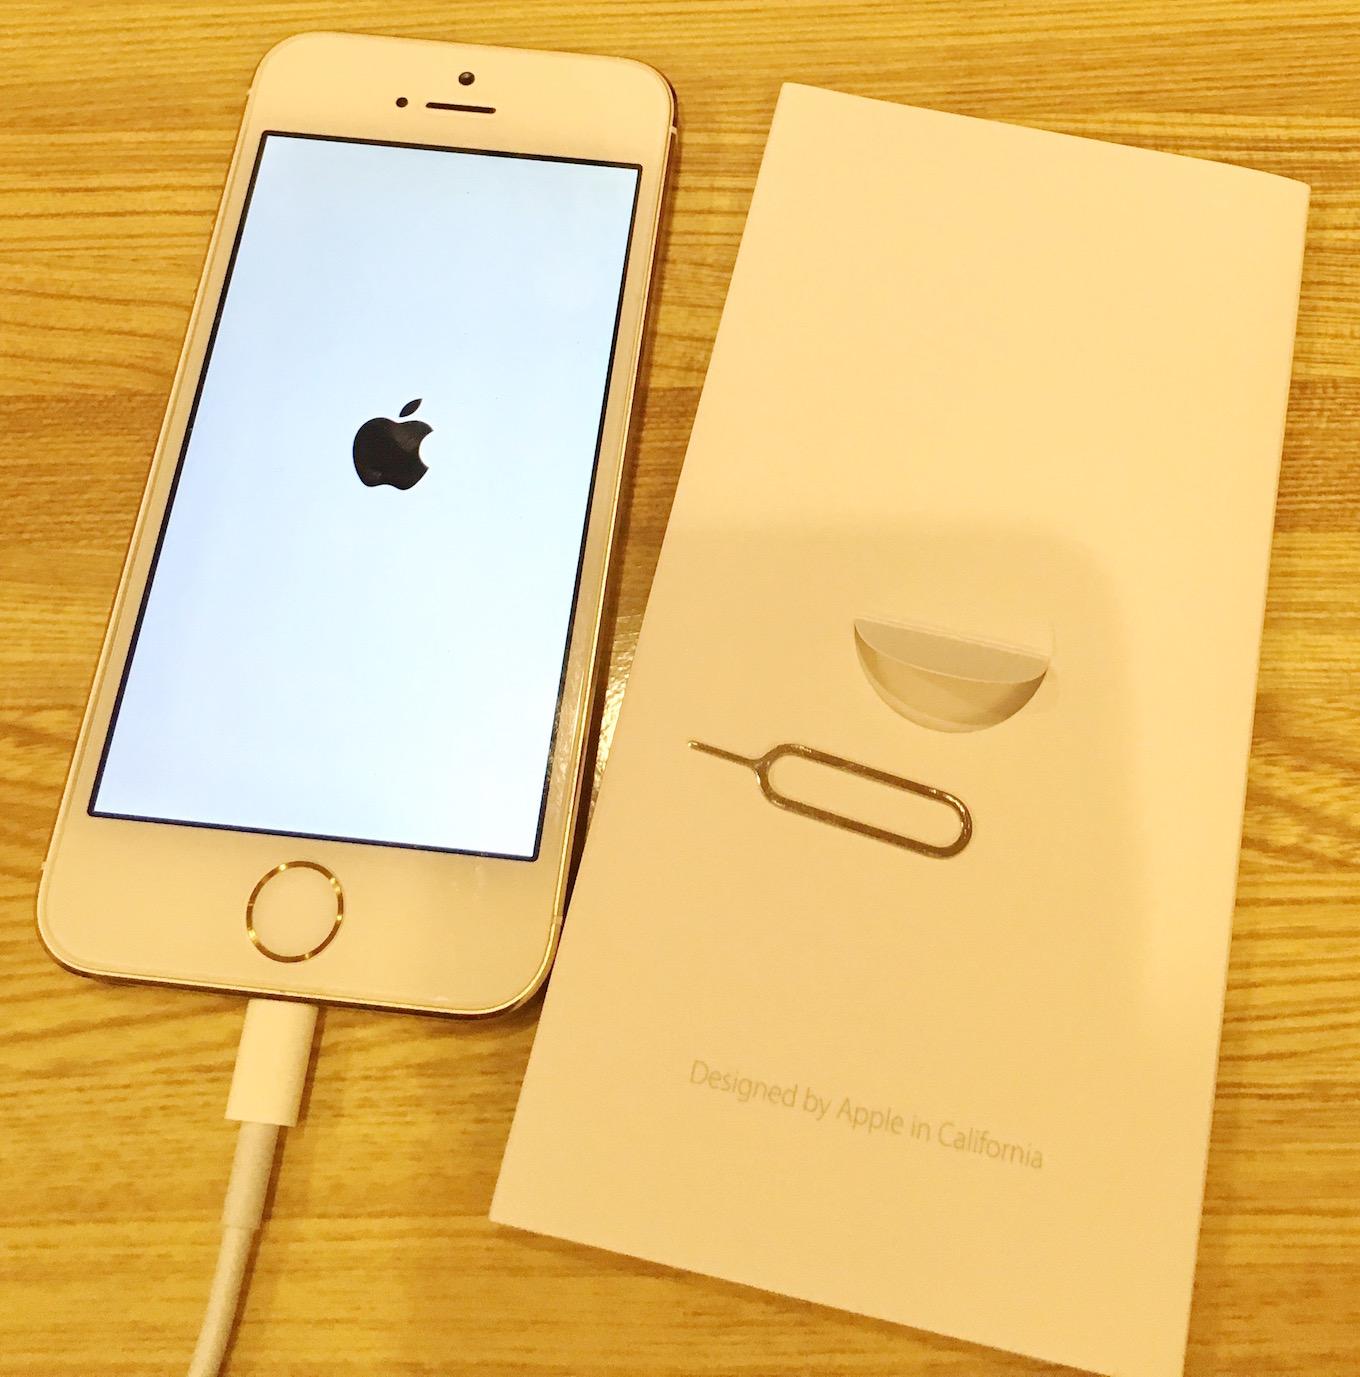 iphone5s_ios9.2.1-uqmobile_sim_for_calls4